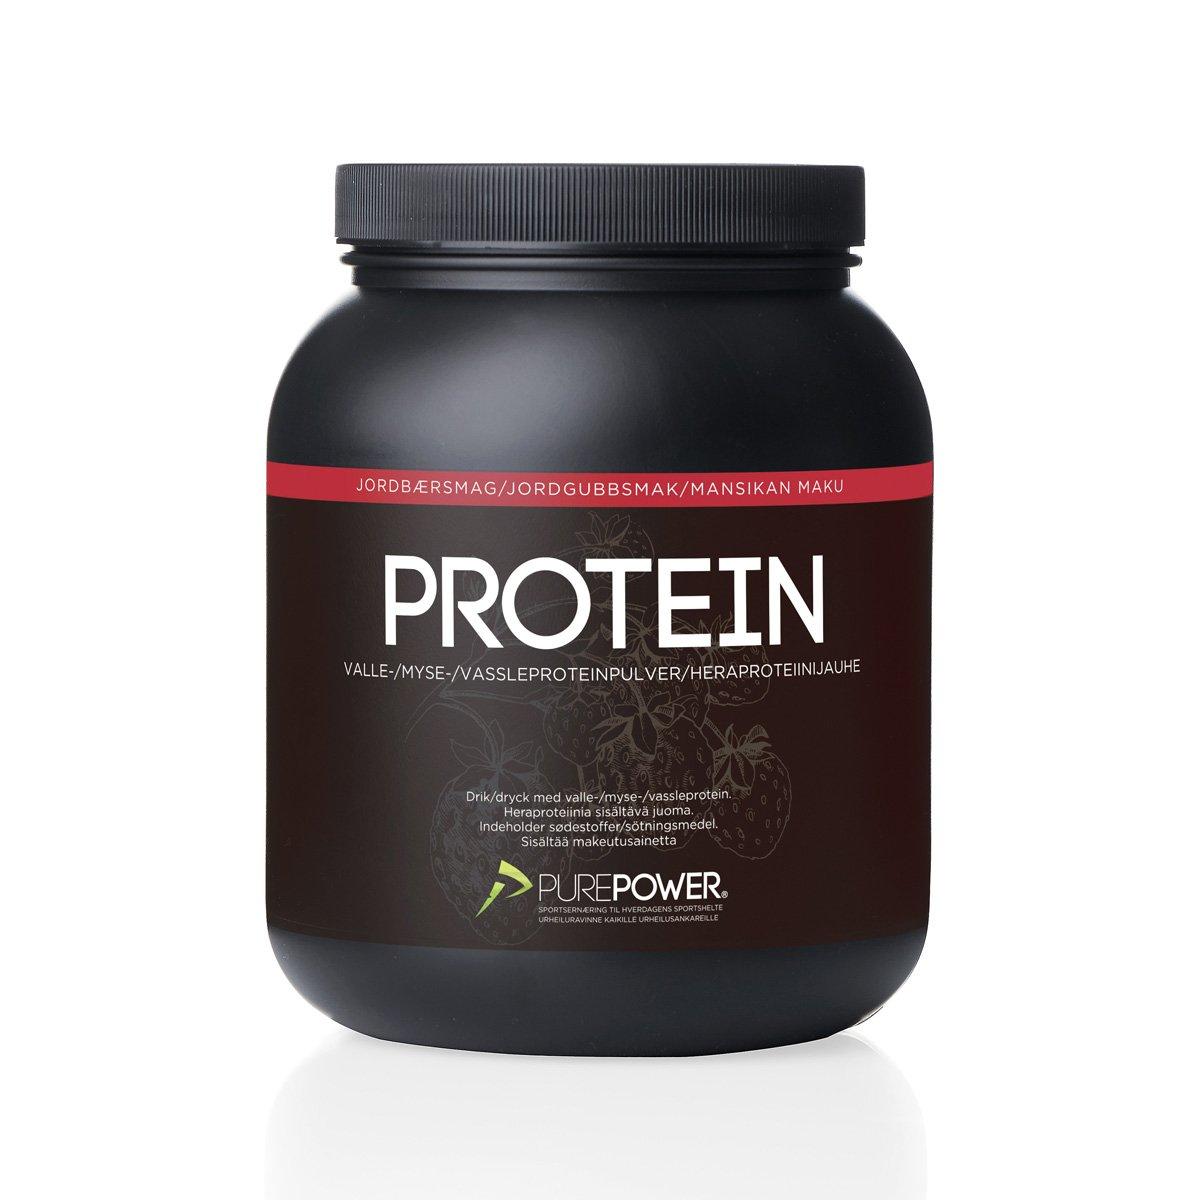 PurePower Proteinpulver Jordbær 1 kg   Proteinbar og -pulver